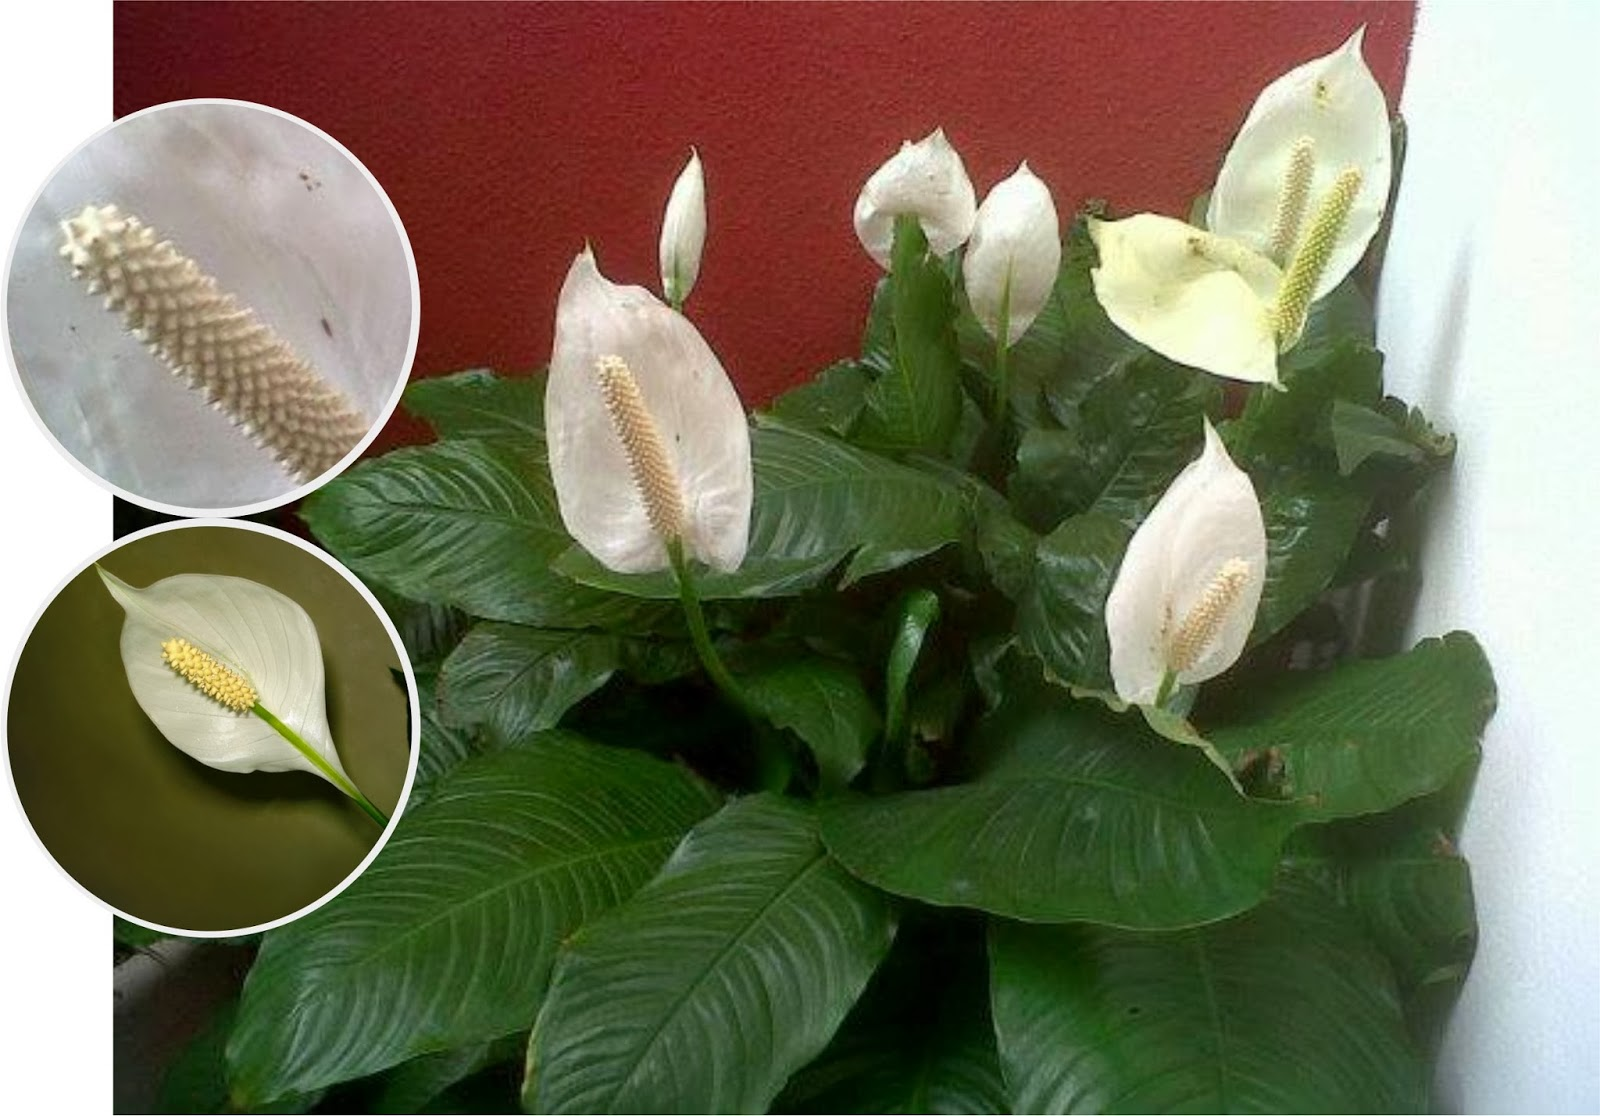 V e r d e c h a c o ornamentales en nuestros jardines 2 Nombres de plantas comunes